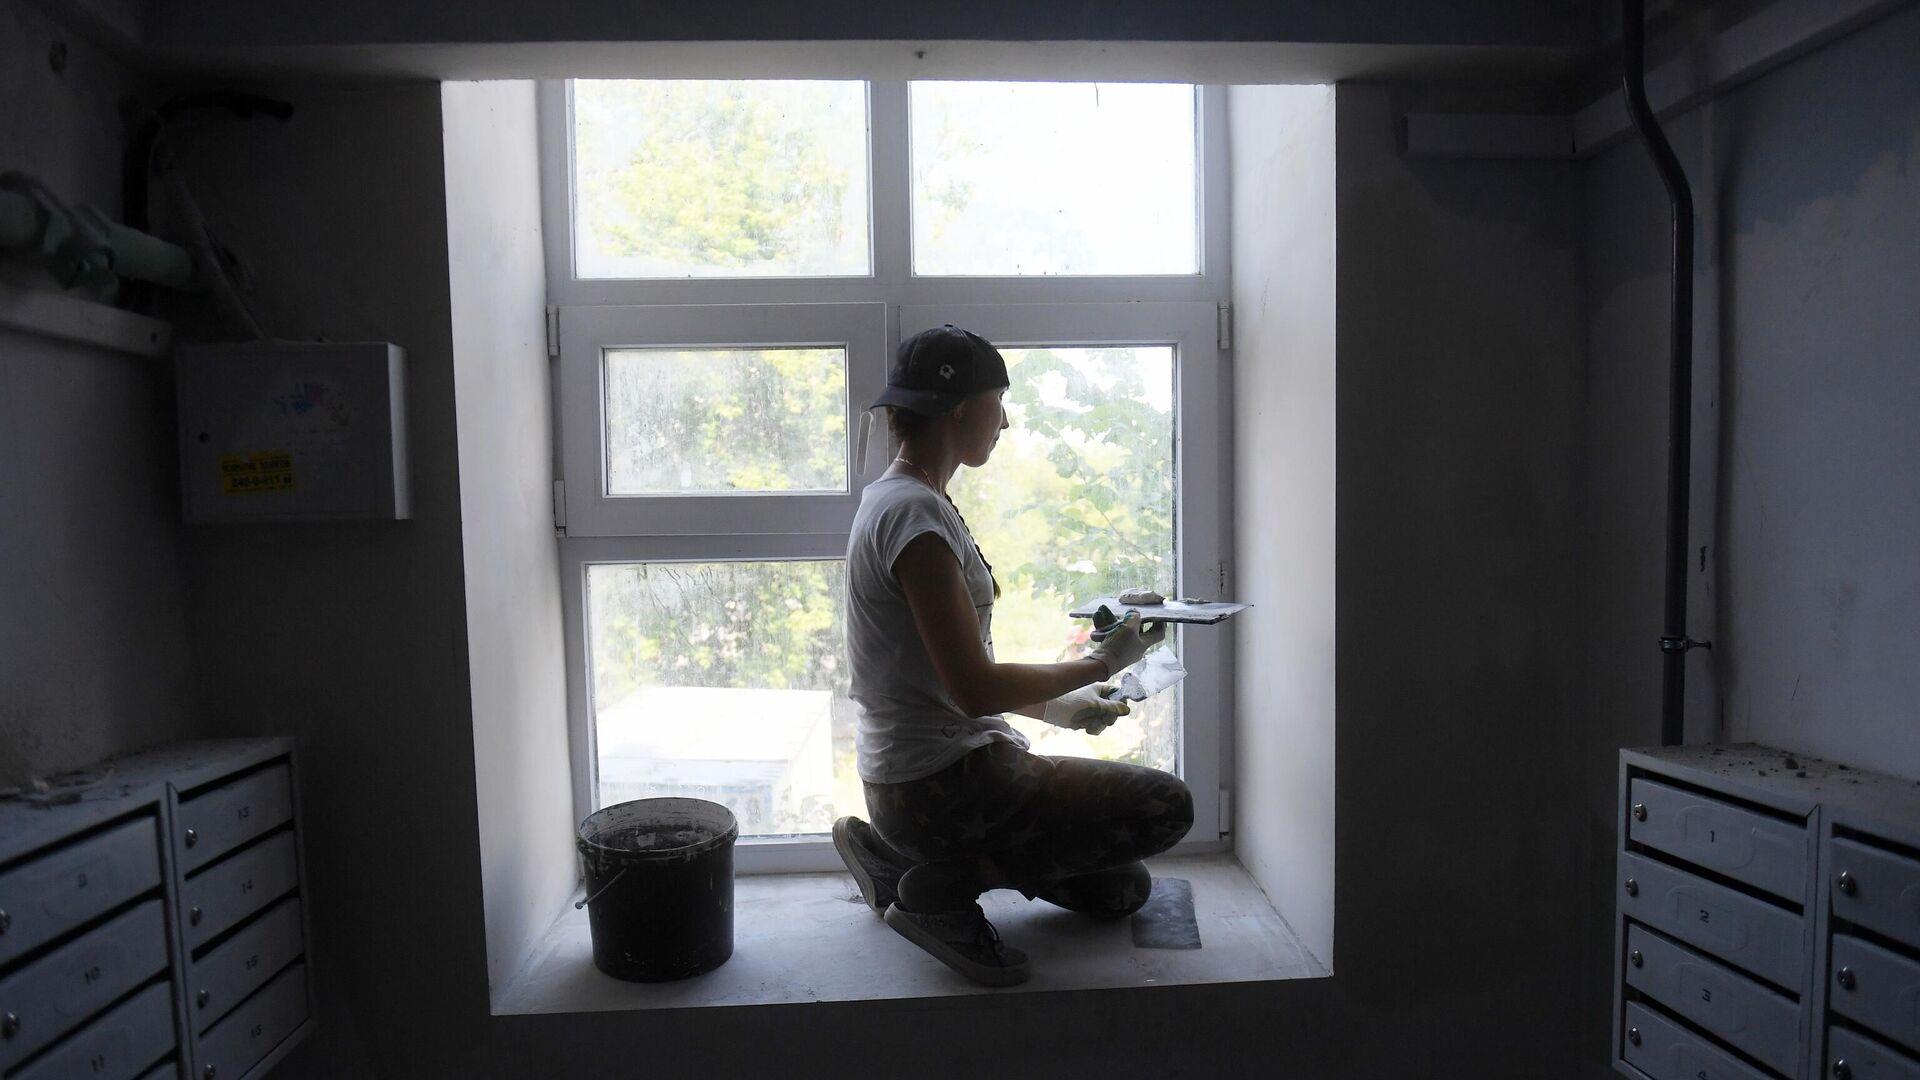 Маляр шпаклюет окно во время капитального ремонта в подъезде жилого дома - РИА Новости, 1920, 05.08.2021